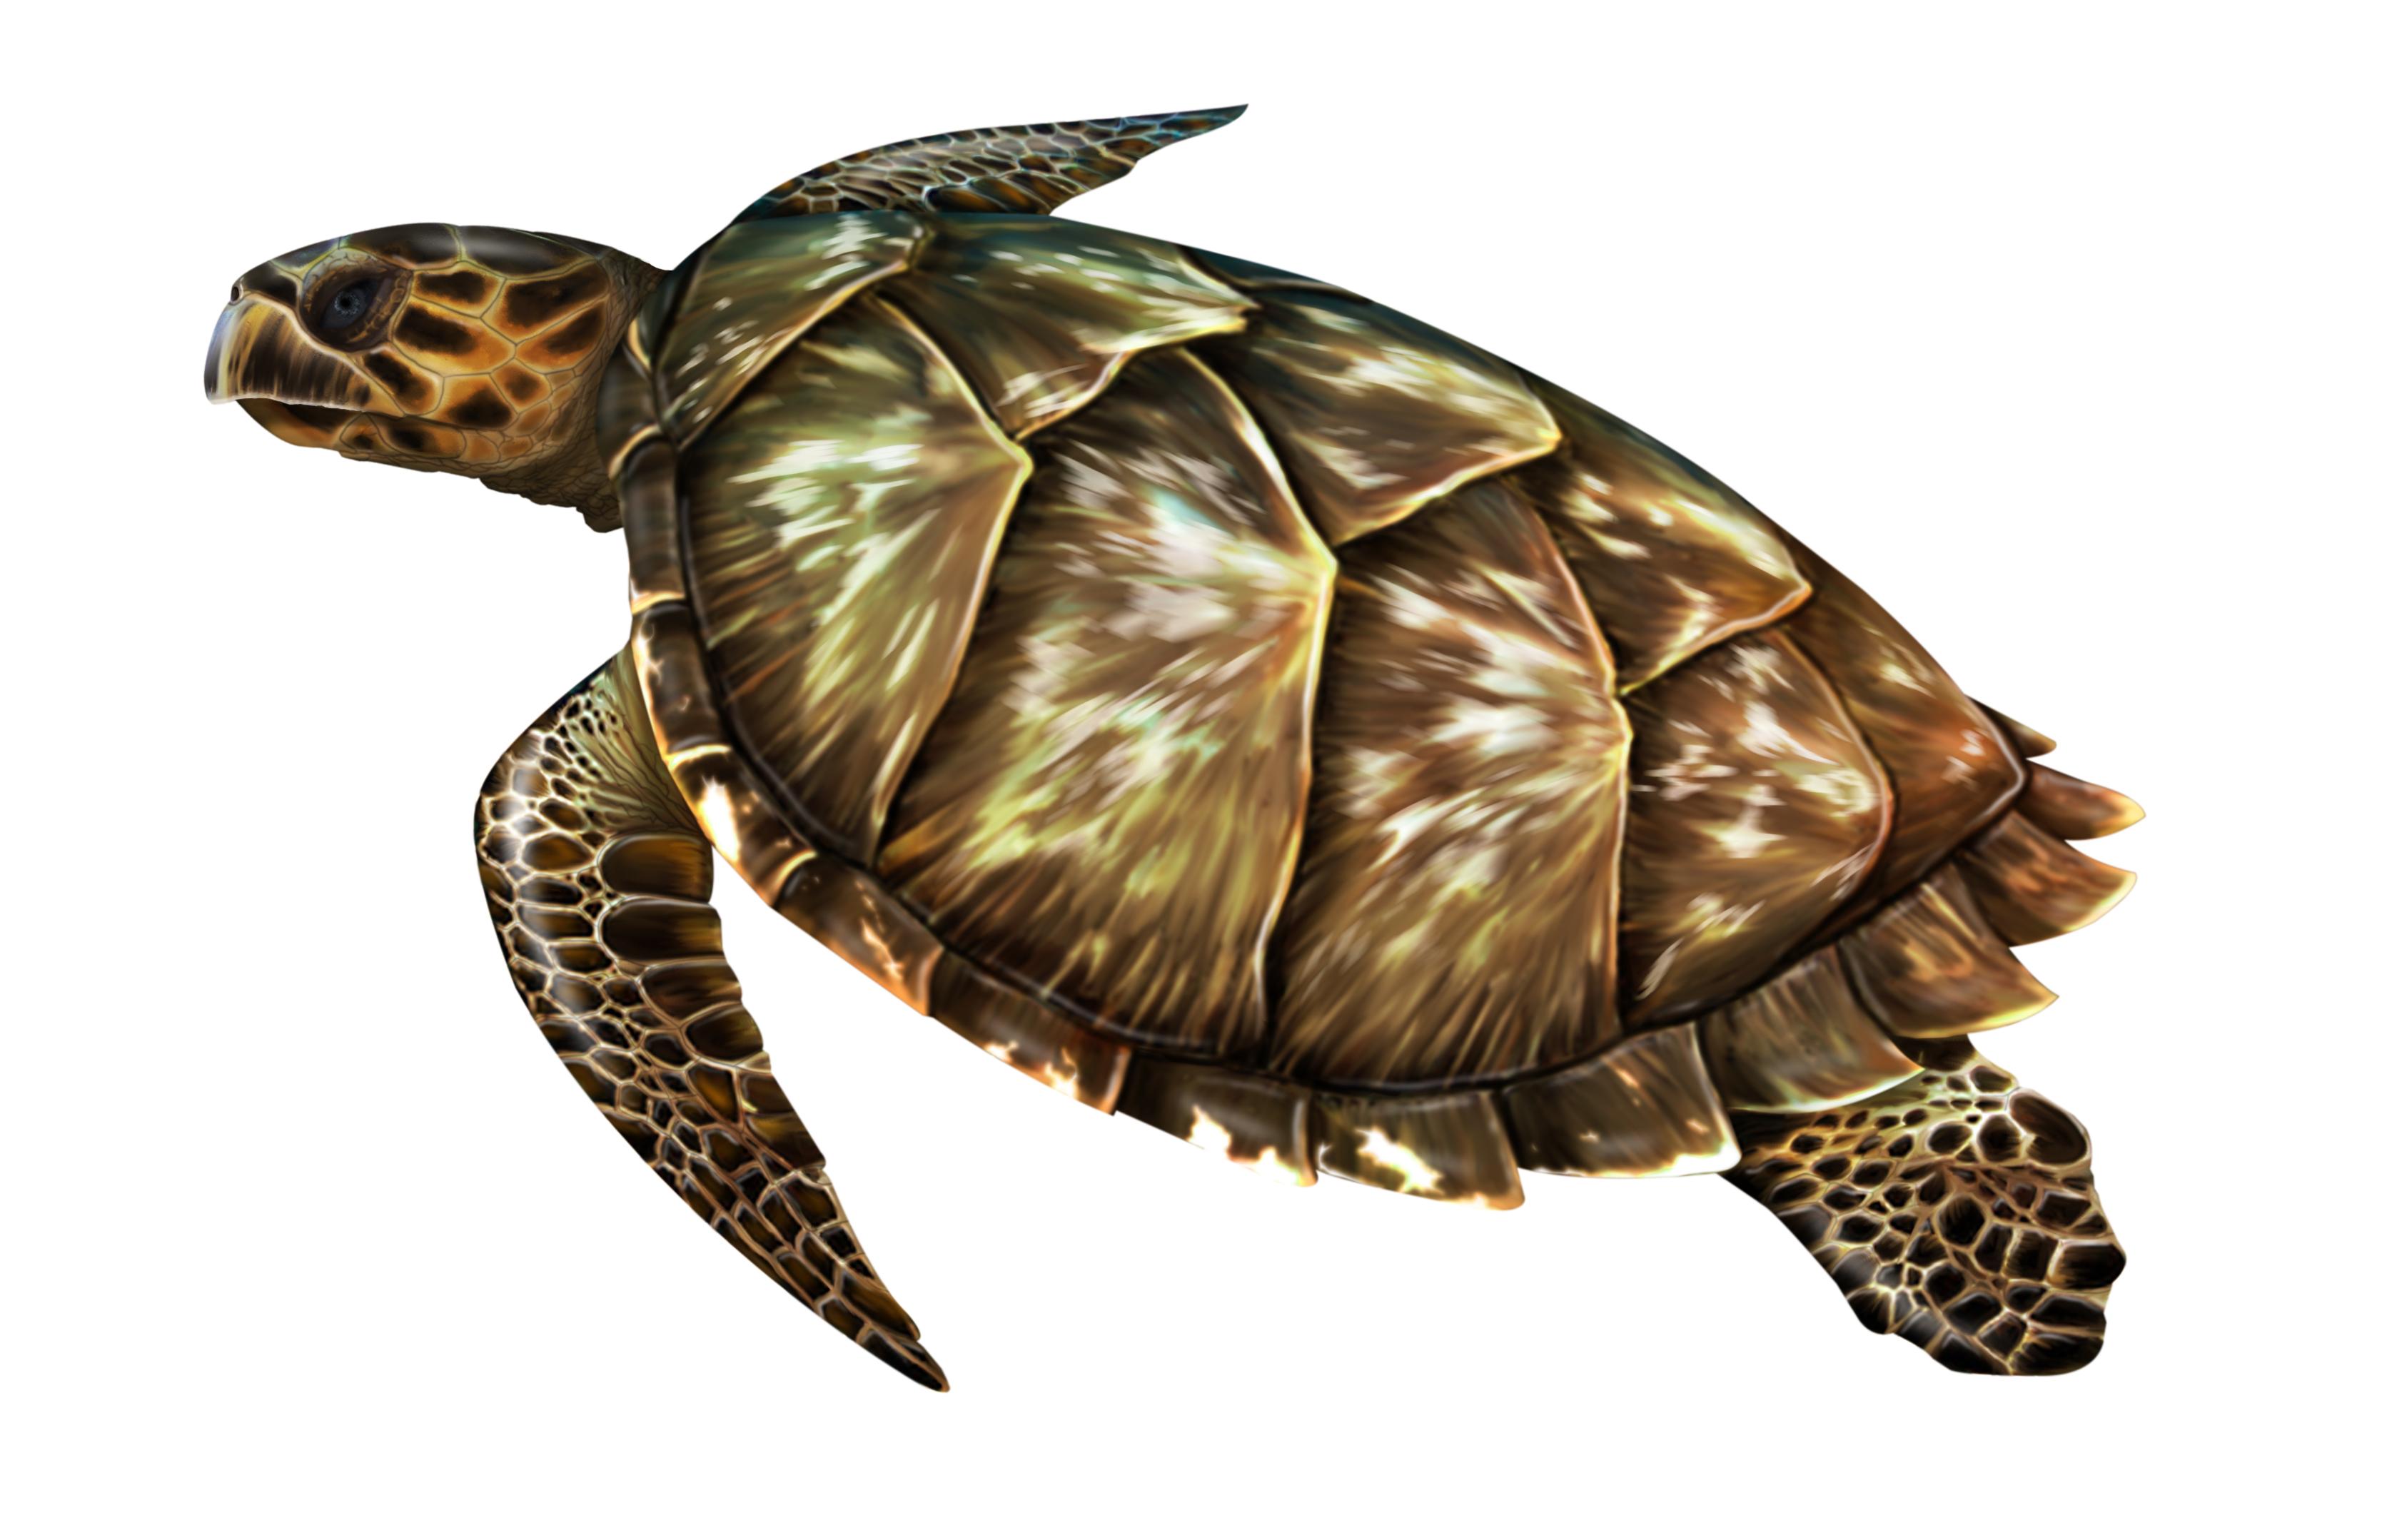 TORTUGA Eretmochelys imbricata